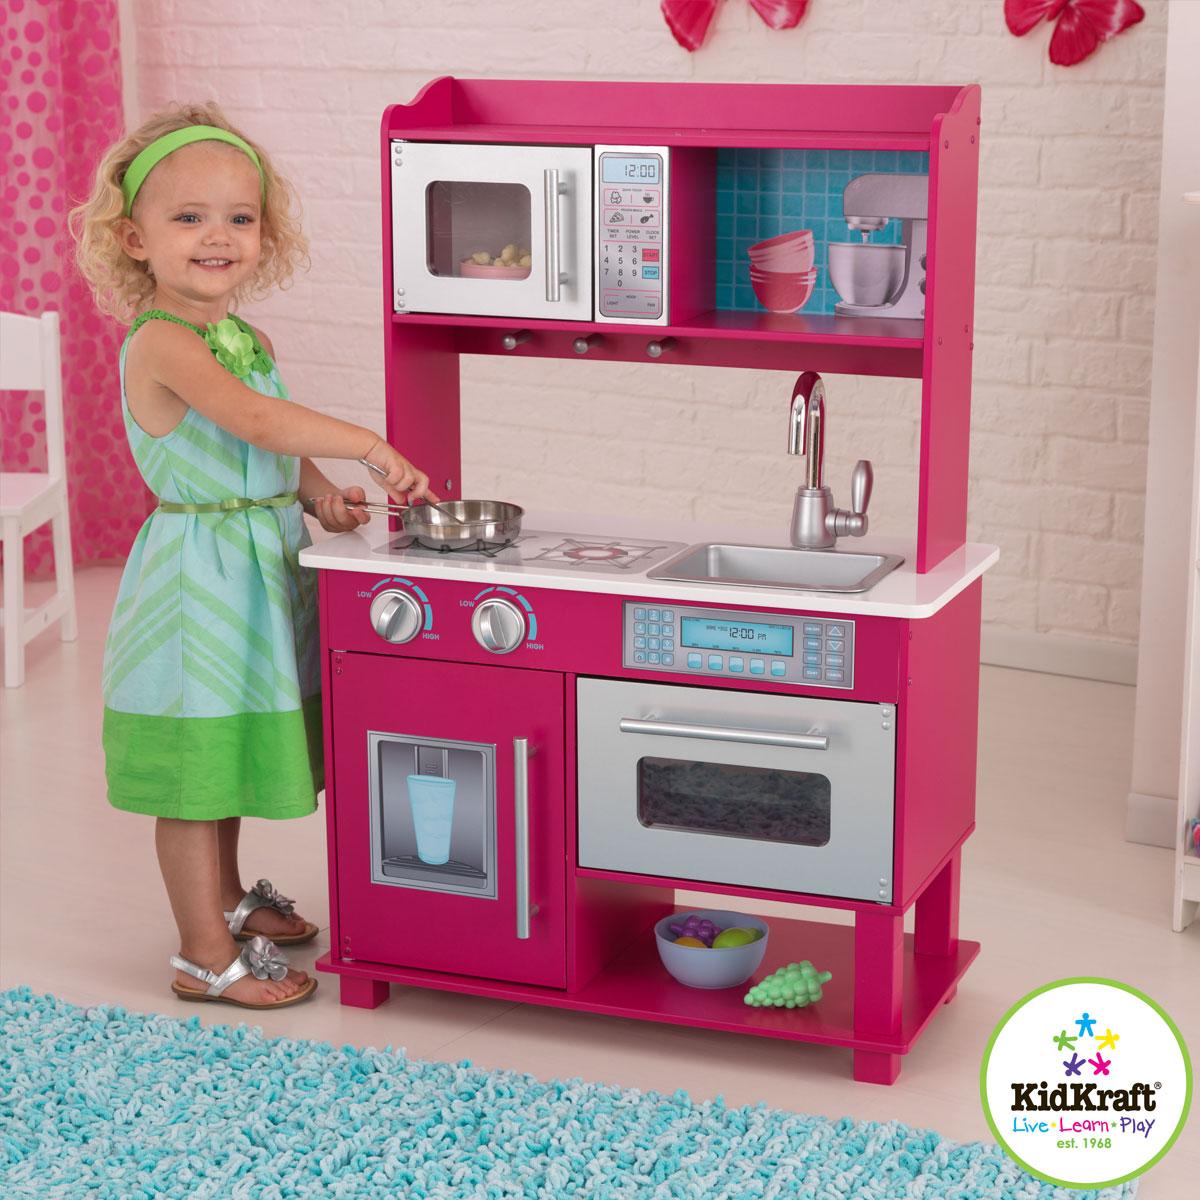 Kidkraft Gracie Toddler Kitchen 53277